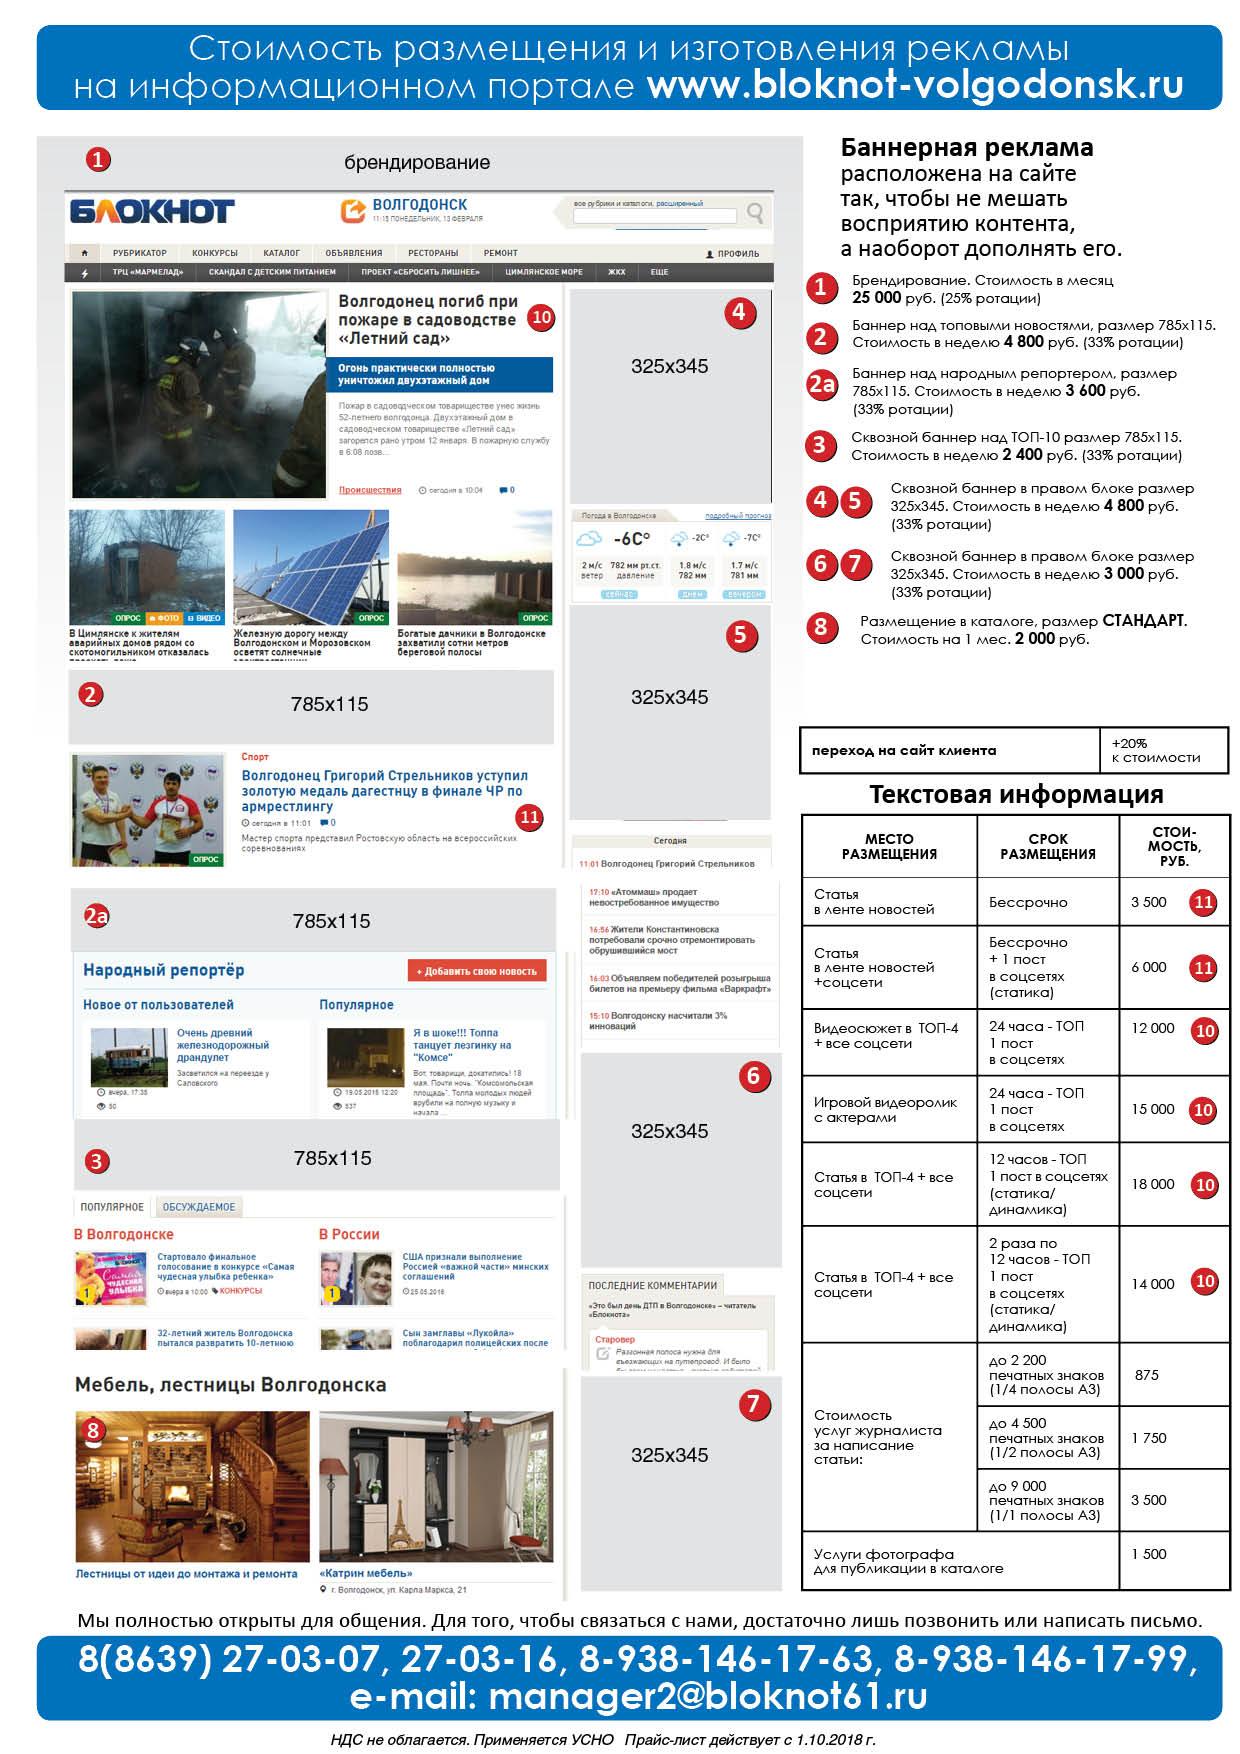 Реклама для сайта 10 интернет реклама рекламодатели евро